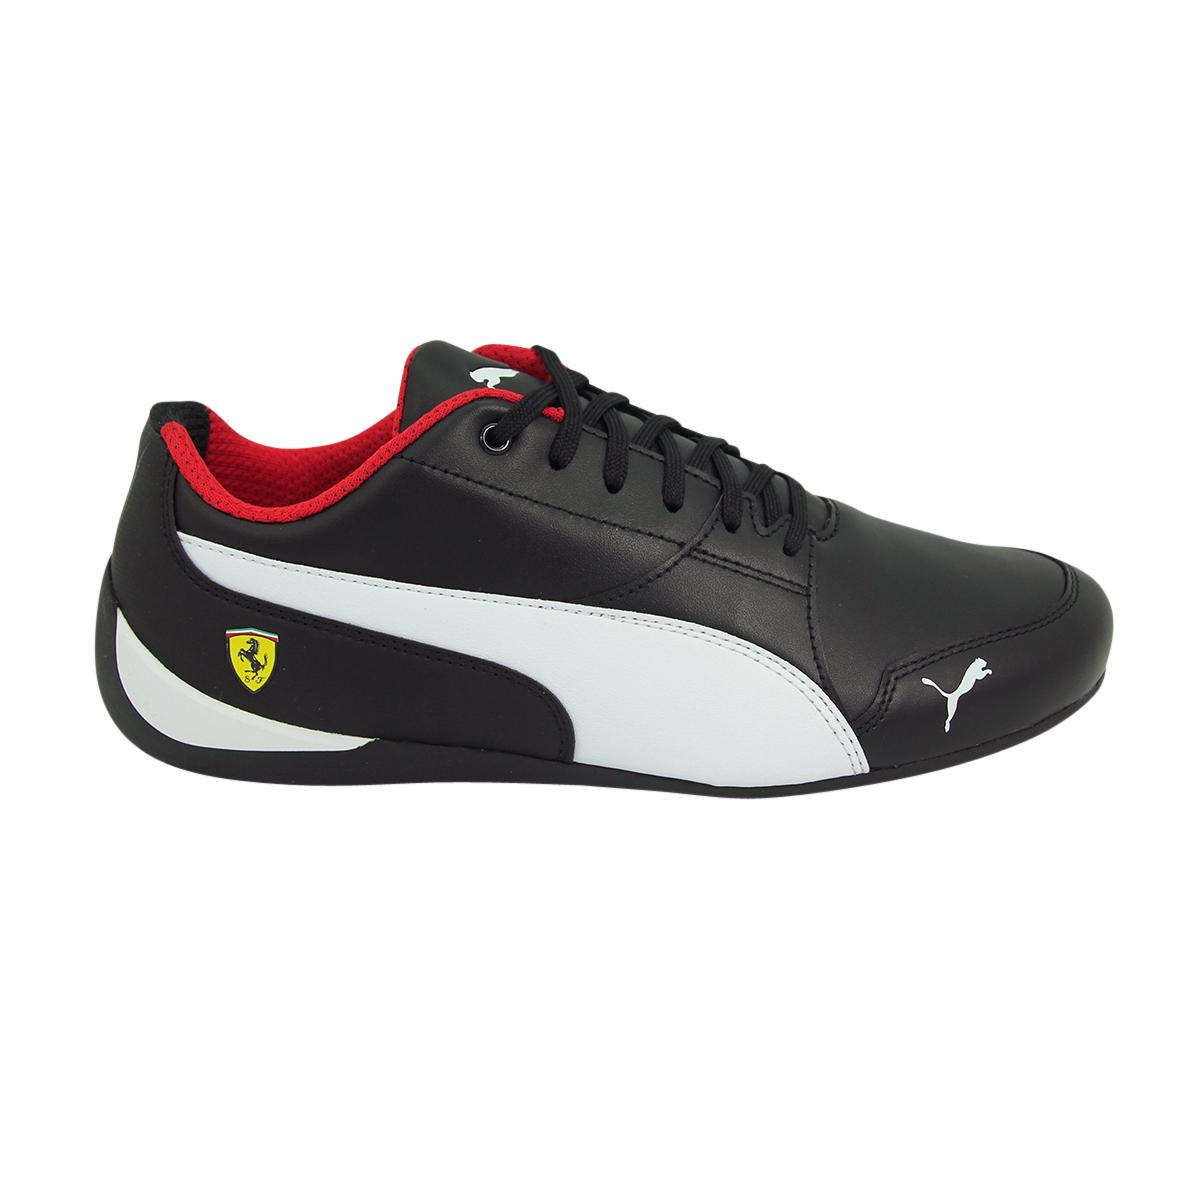 30cc76c22 Puma SF Cat deriva zapatillas deportivas zapatos informales 305998 ...